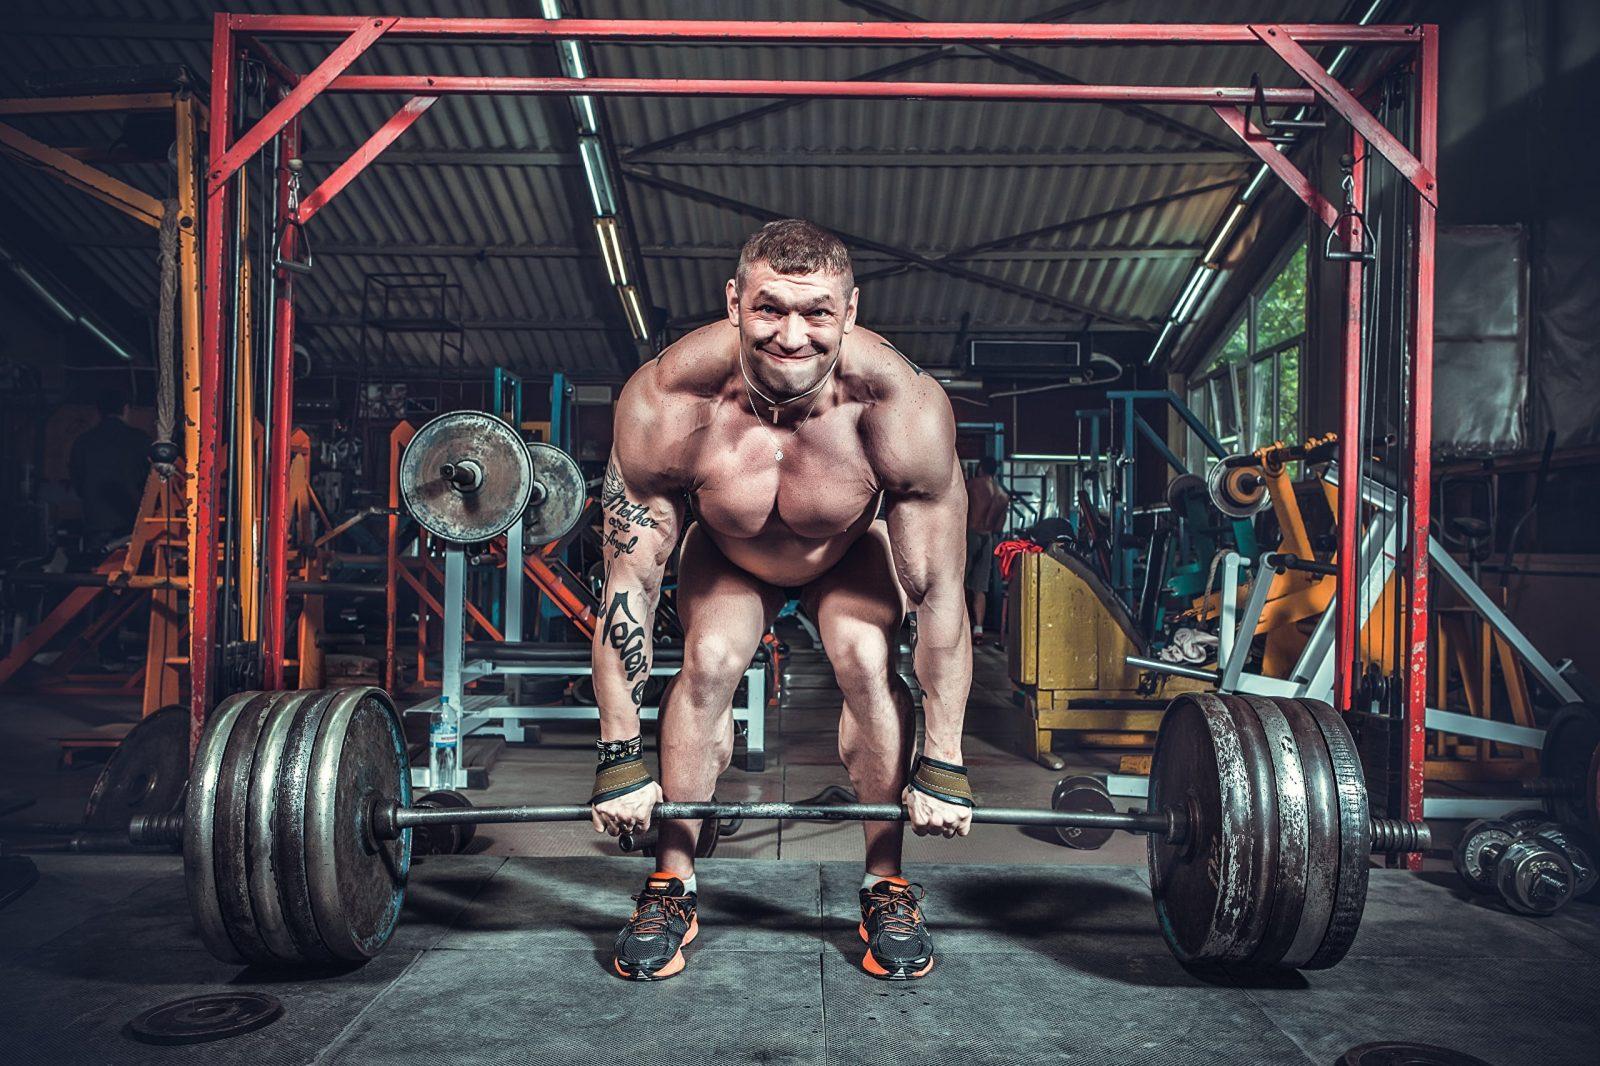 Становая тяга в тренажерном зале с большим весом